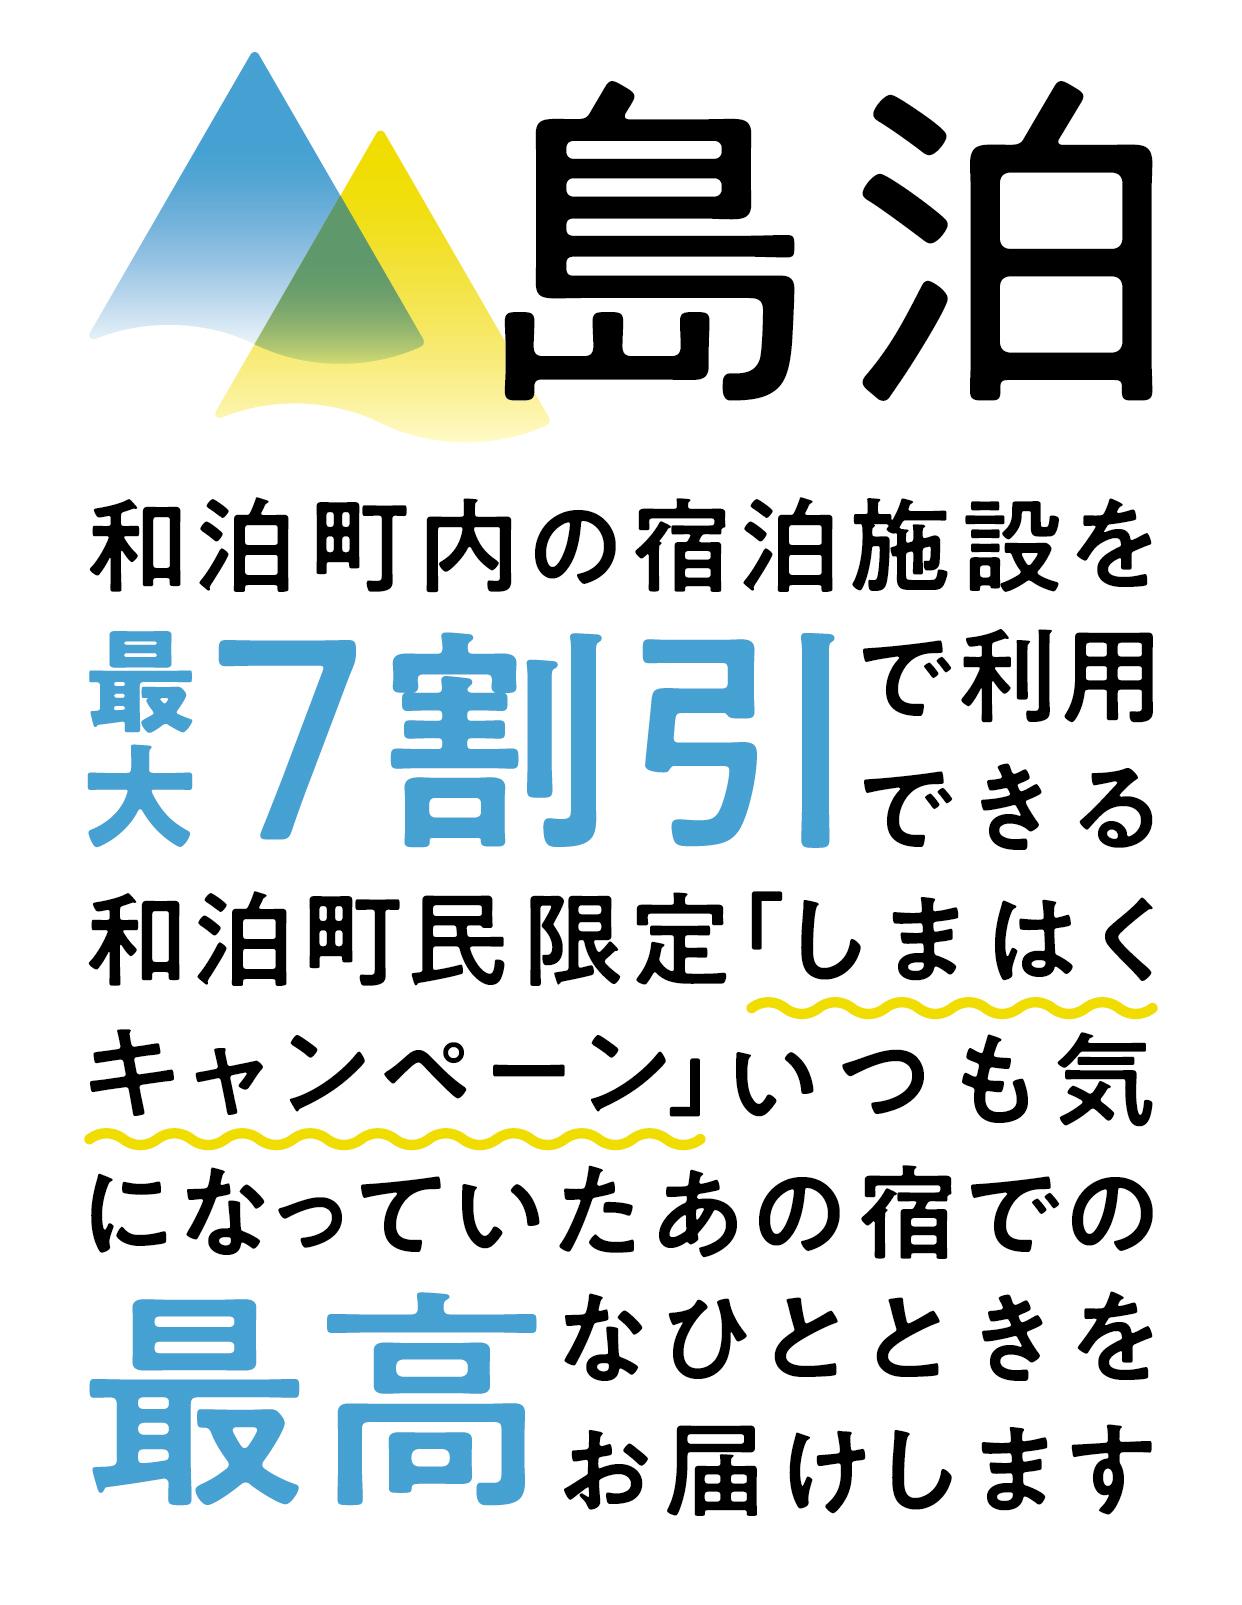 島泊キャンペーン広告ロゴ